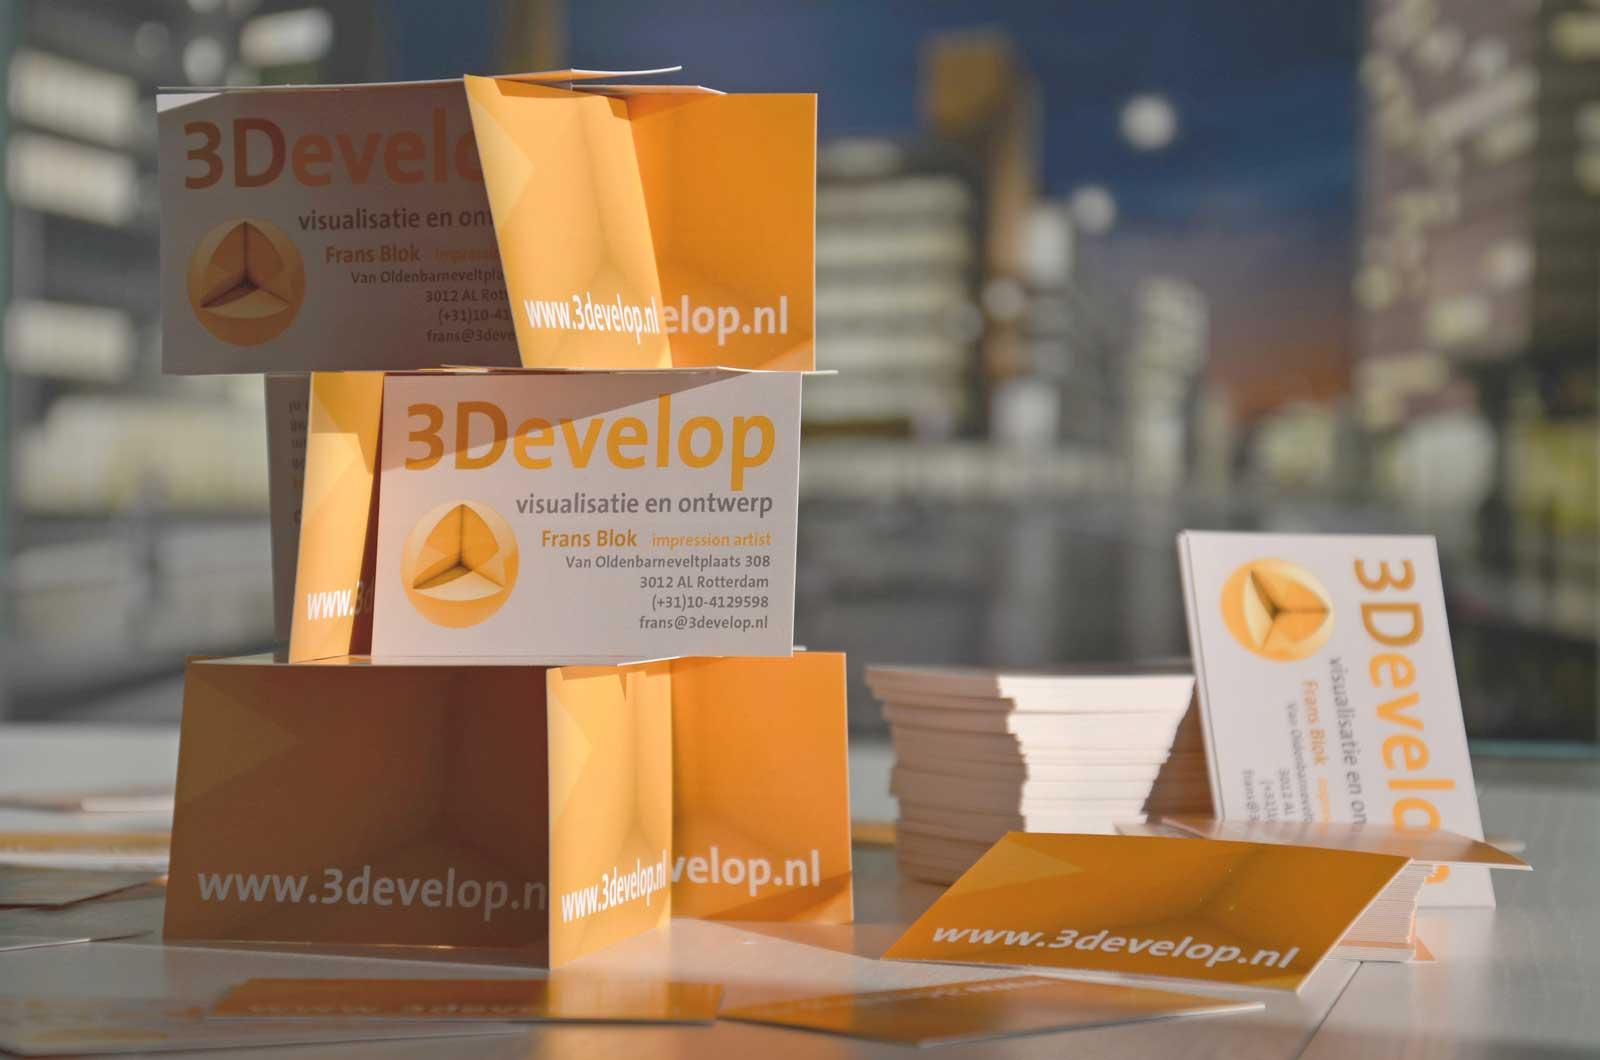 Kaartenhuis gebouwd van visitekaartjes van 3Develop met de door het bedrijf gemaakte visualisatie van Dudok's Bijenkorf vaag op de achtergrond